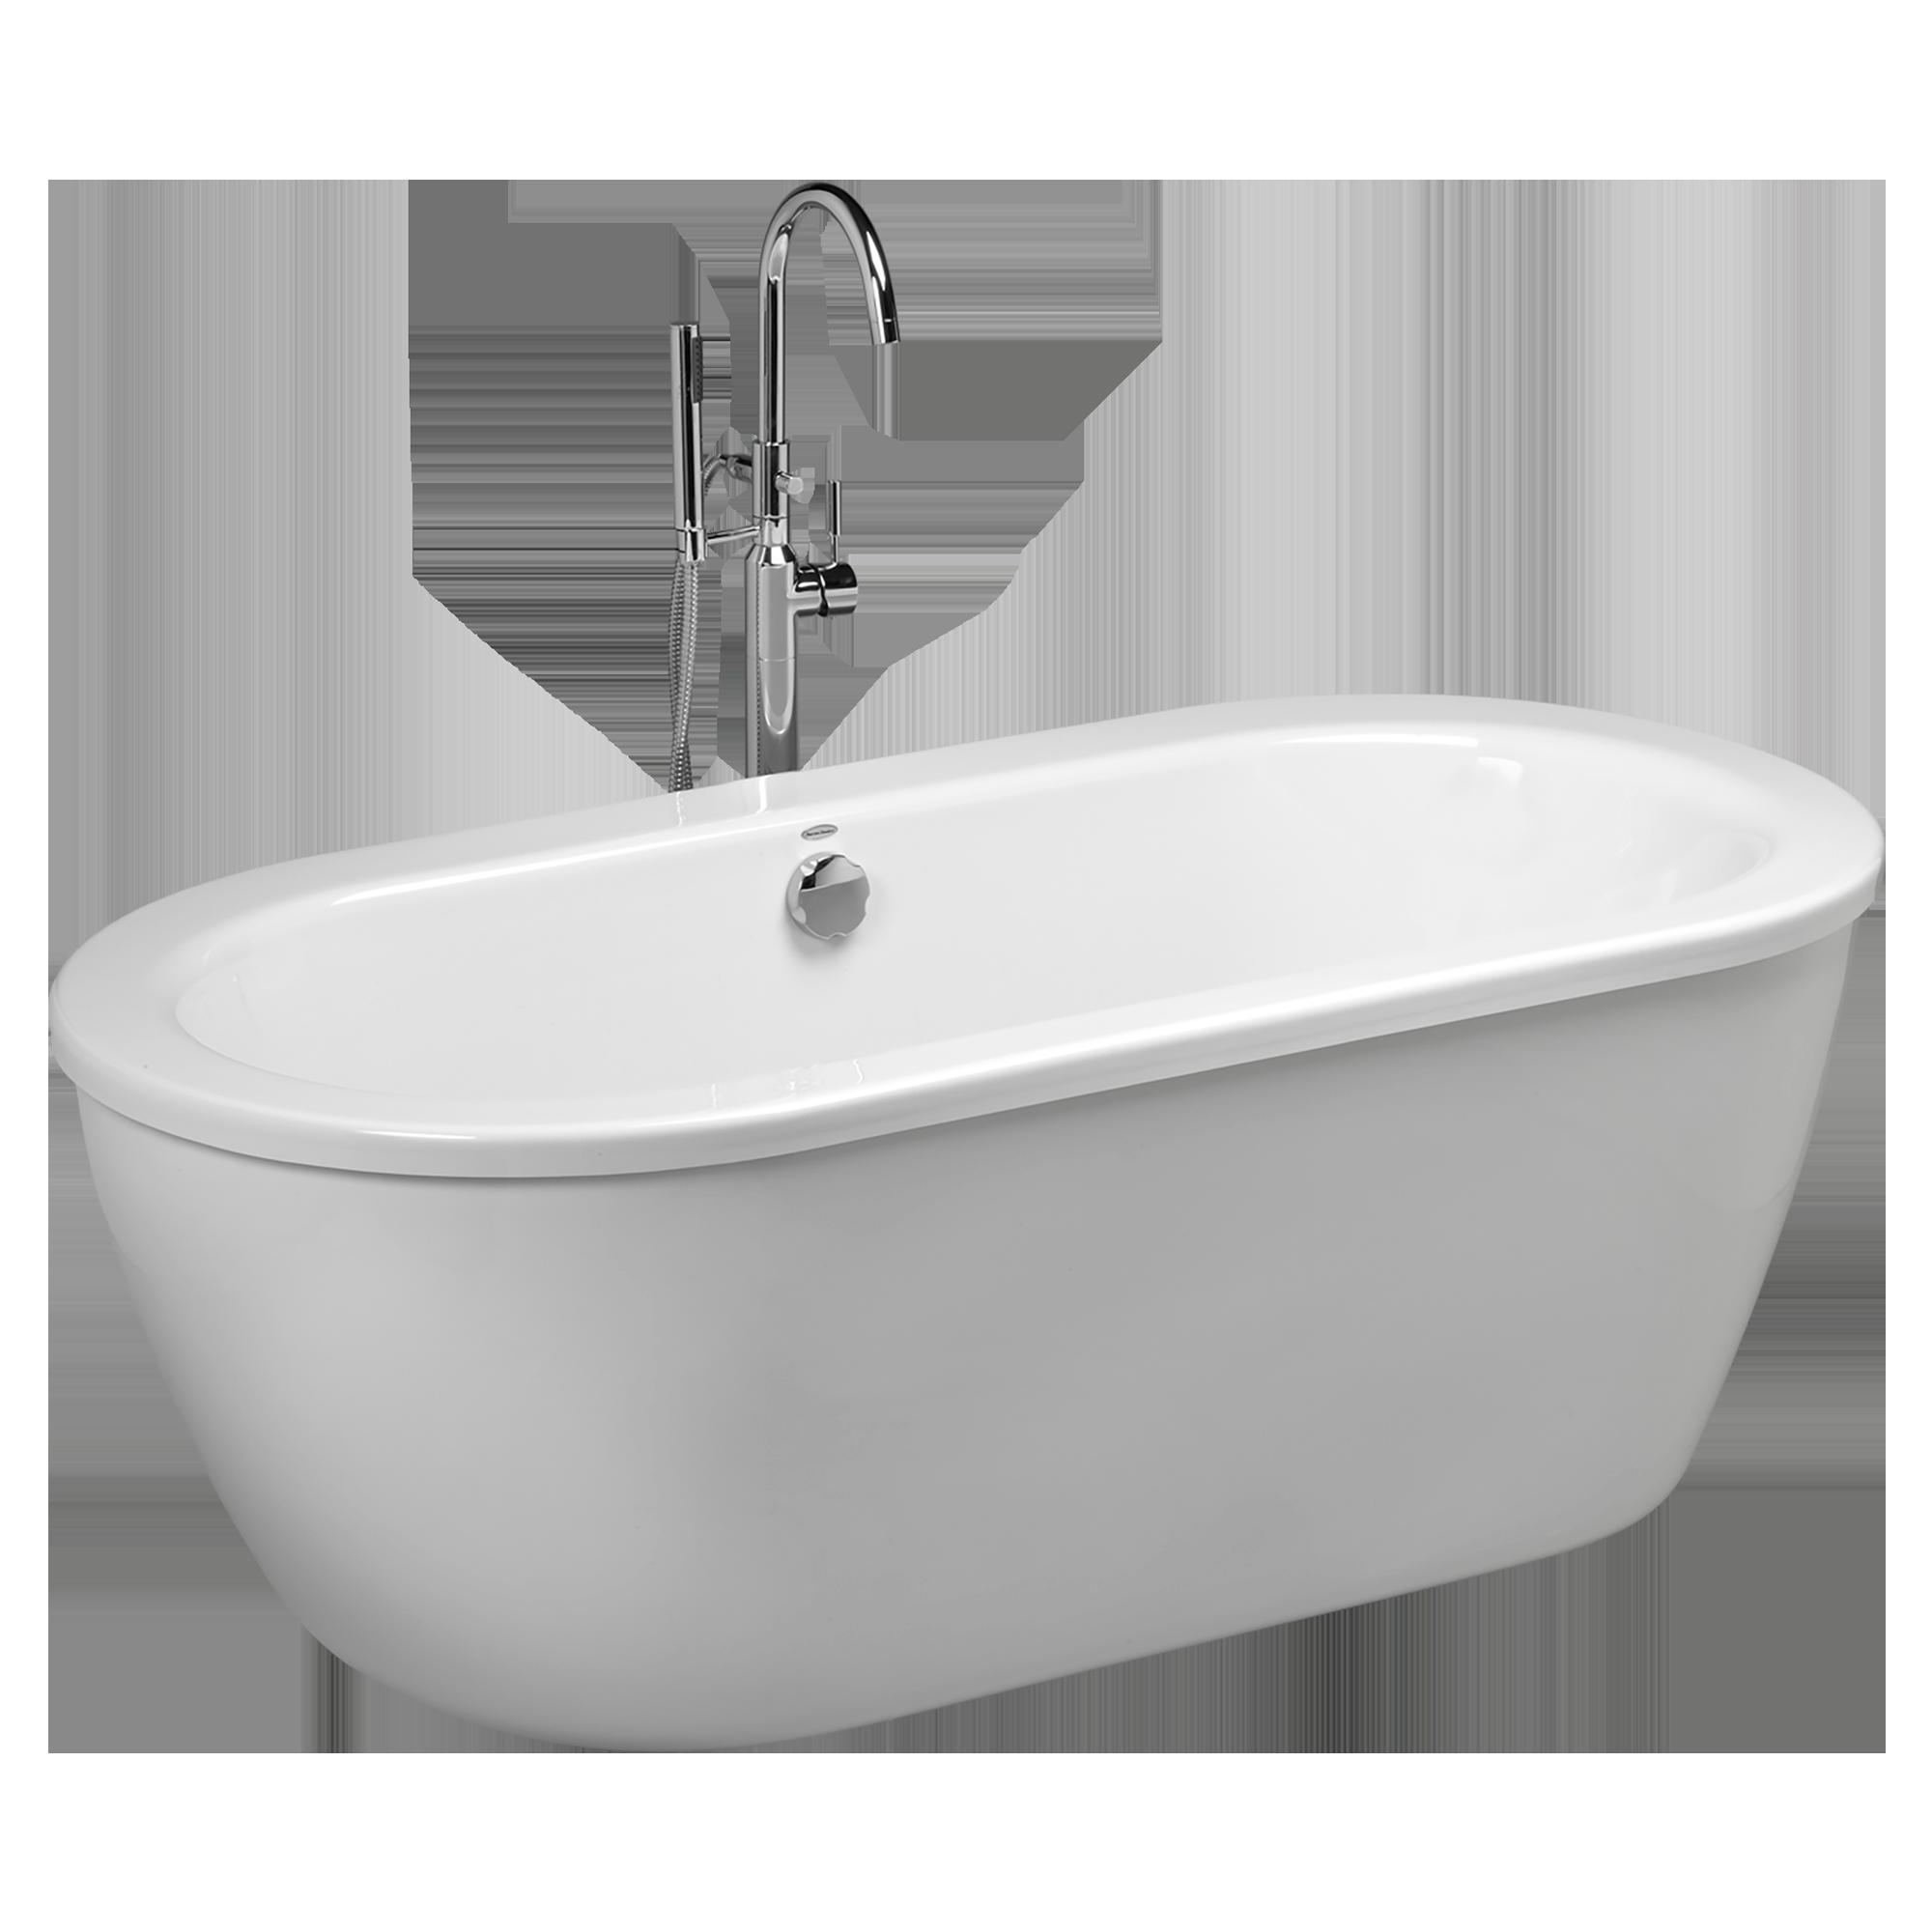 Bathroom Sink PNG HD-PlusPNG.com-2000 - Bathroom Sink PNG HD